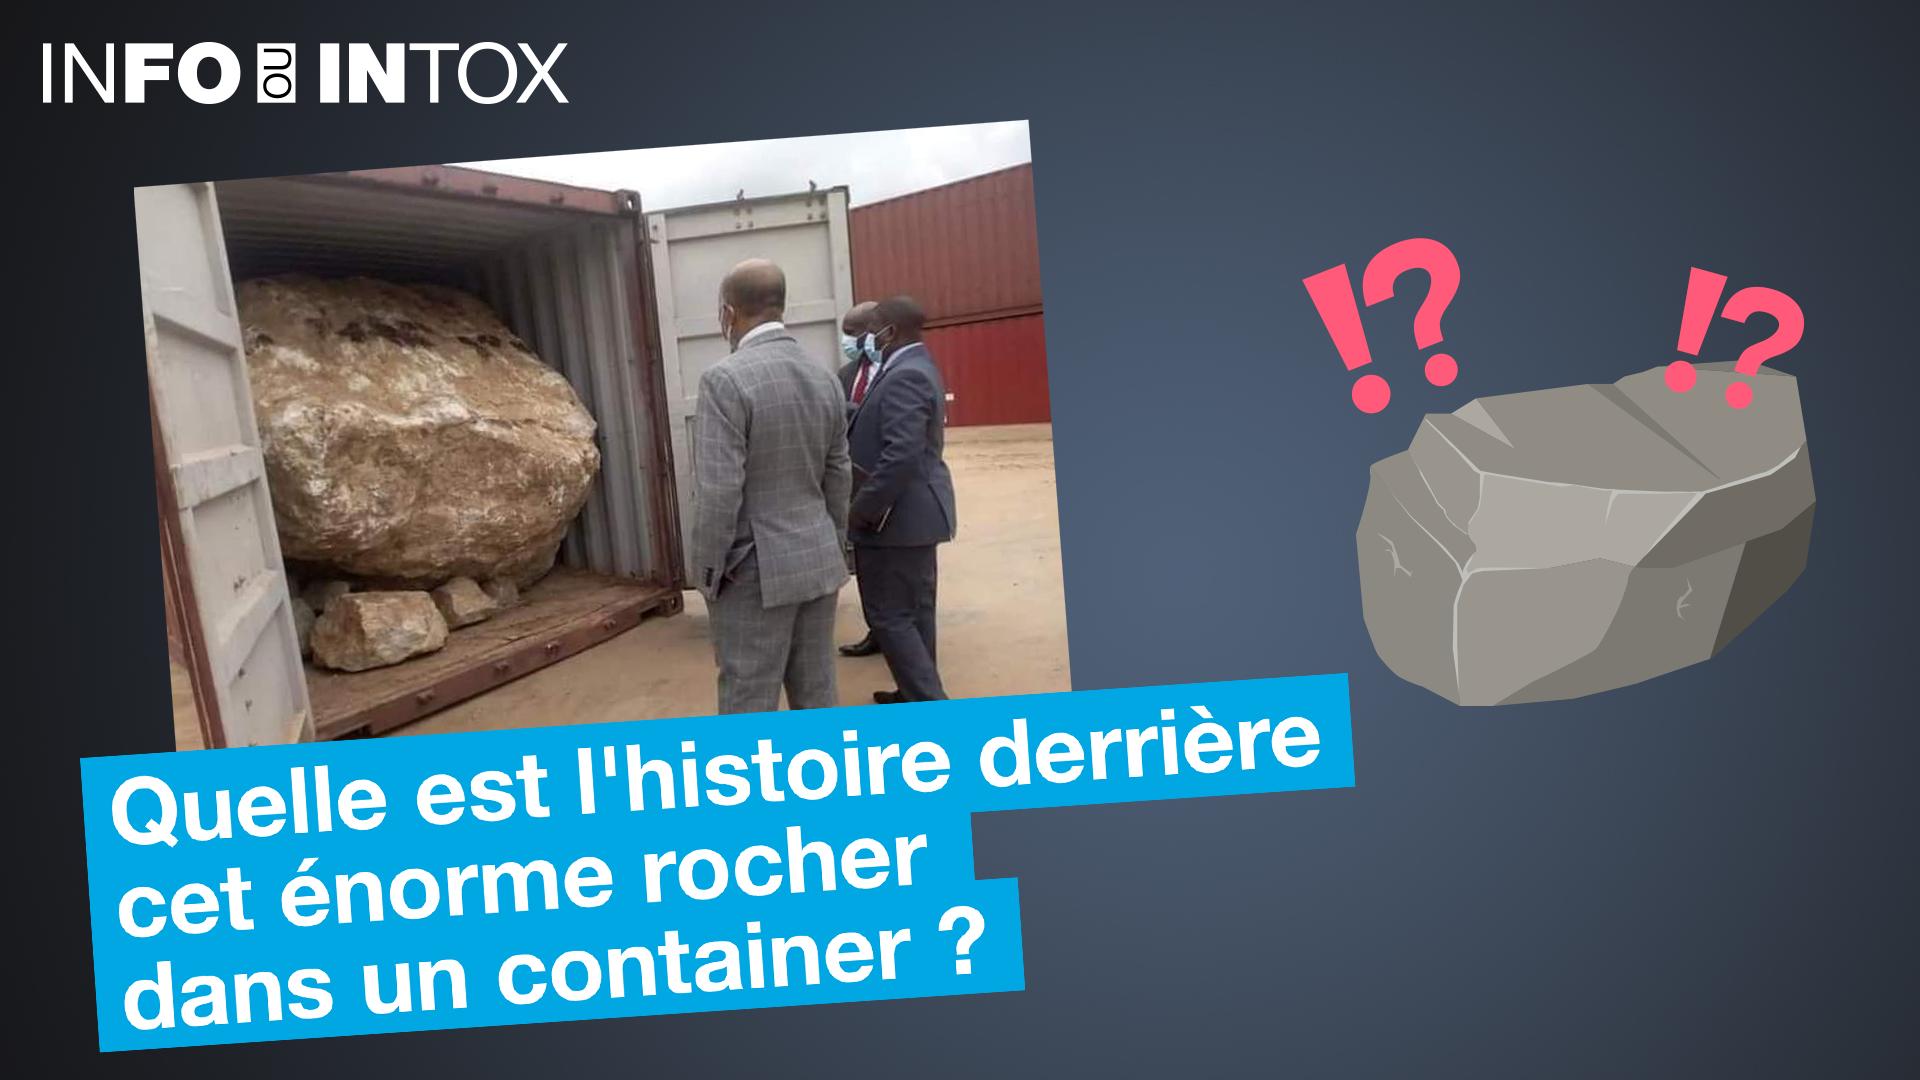 Un énorme rocher dans un container, l'image est insolite, mais où a-t-elle été filmée ?